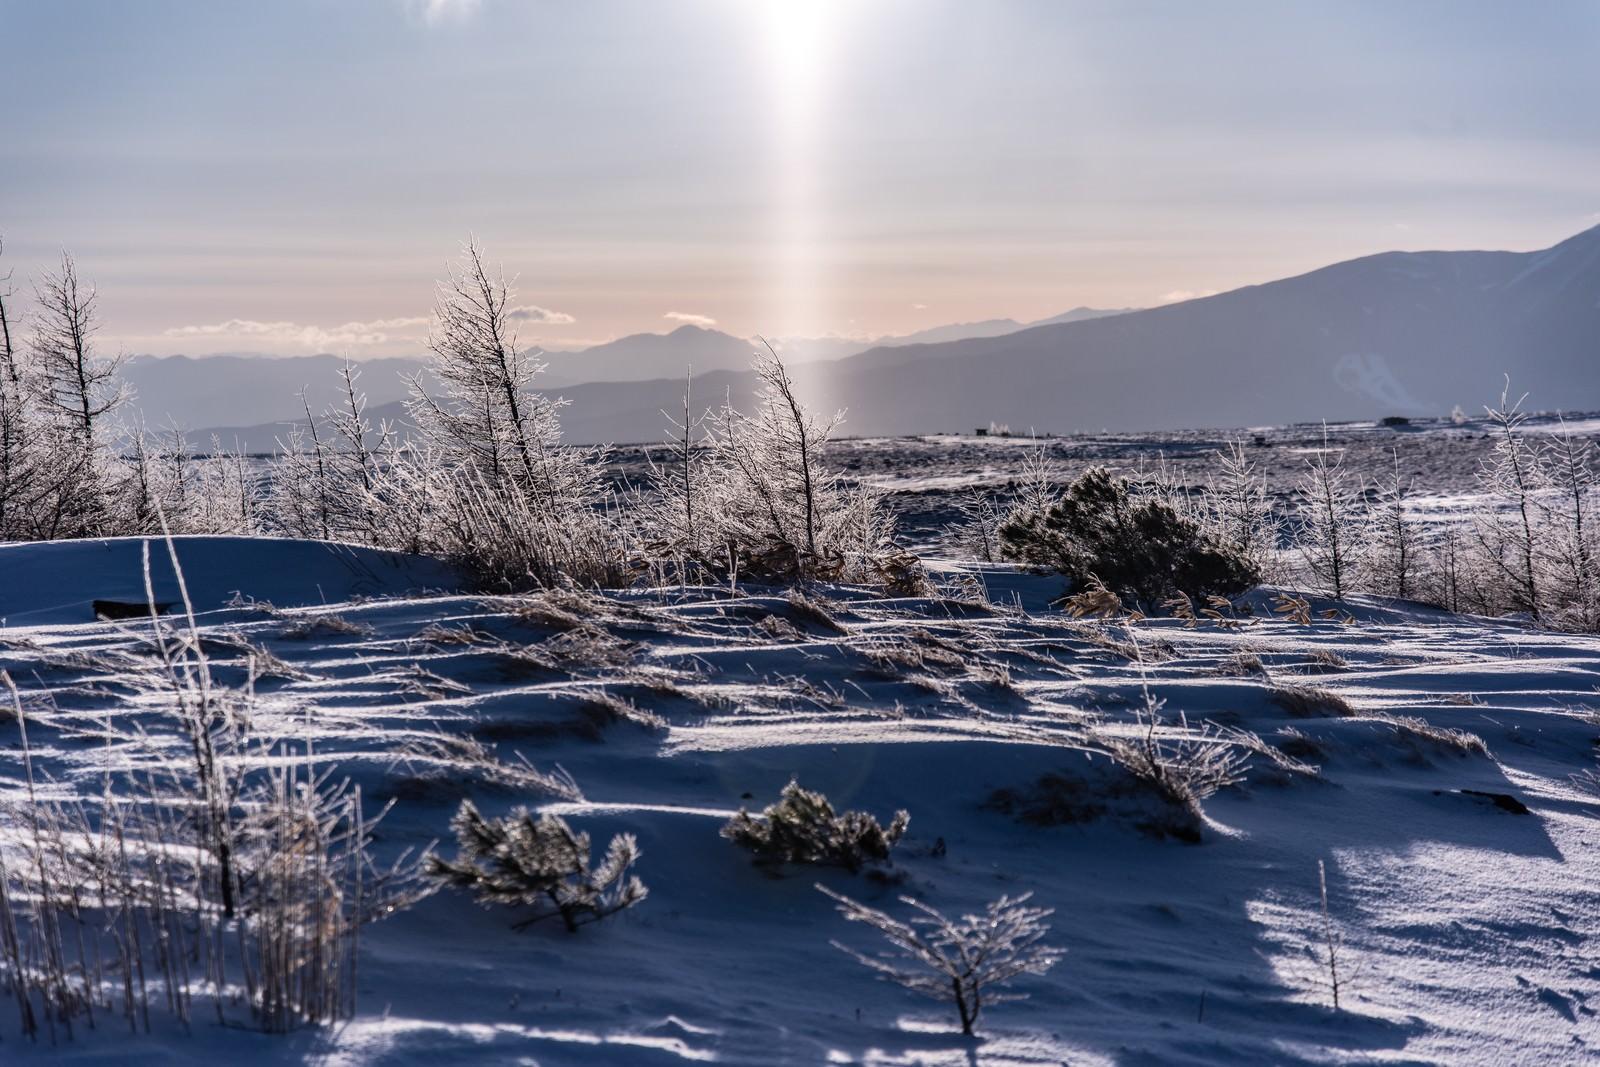 「美ヶ原高原の樹氷に降り注ぐサンピラー(太陽柱)」の写真